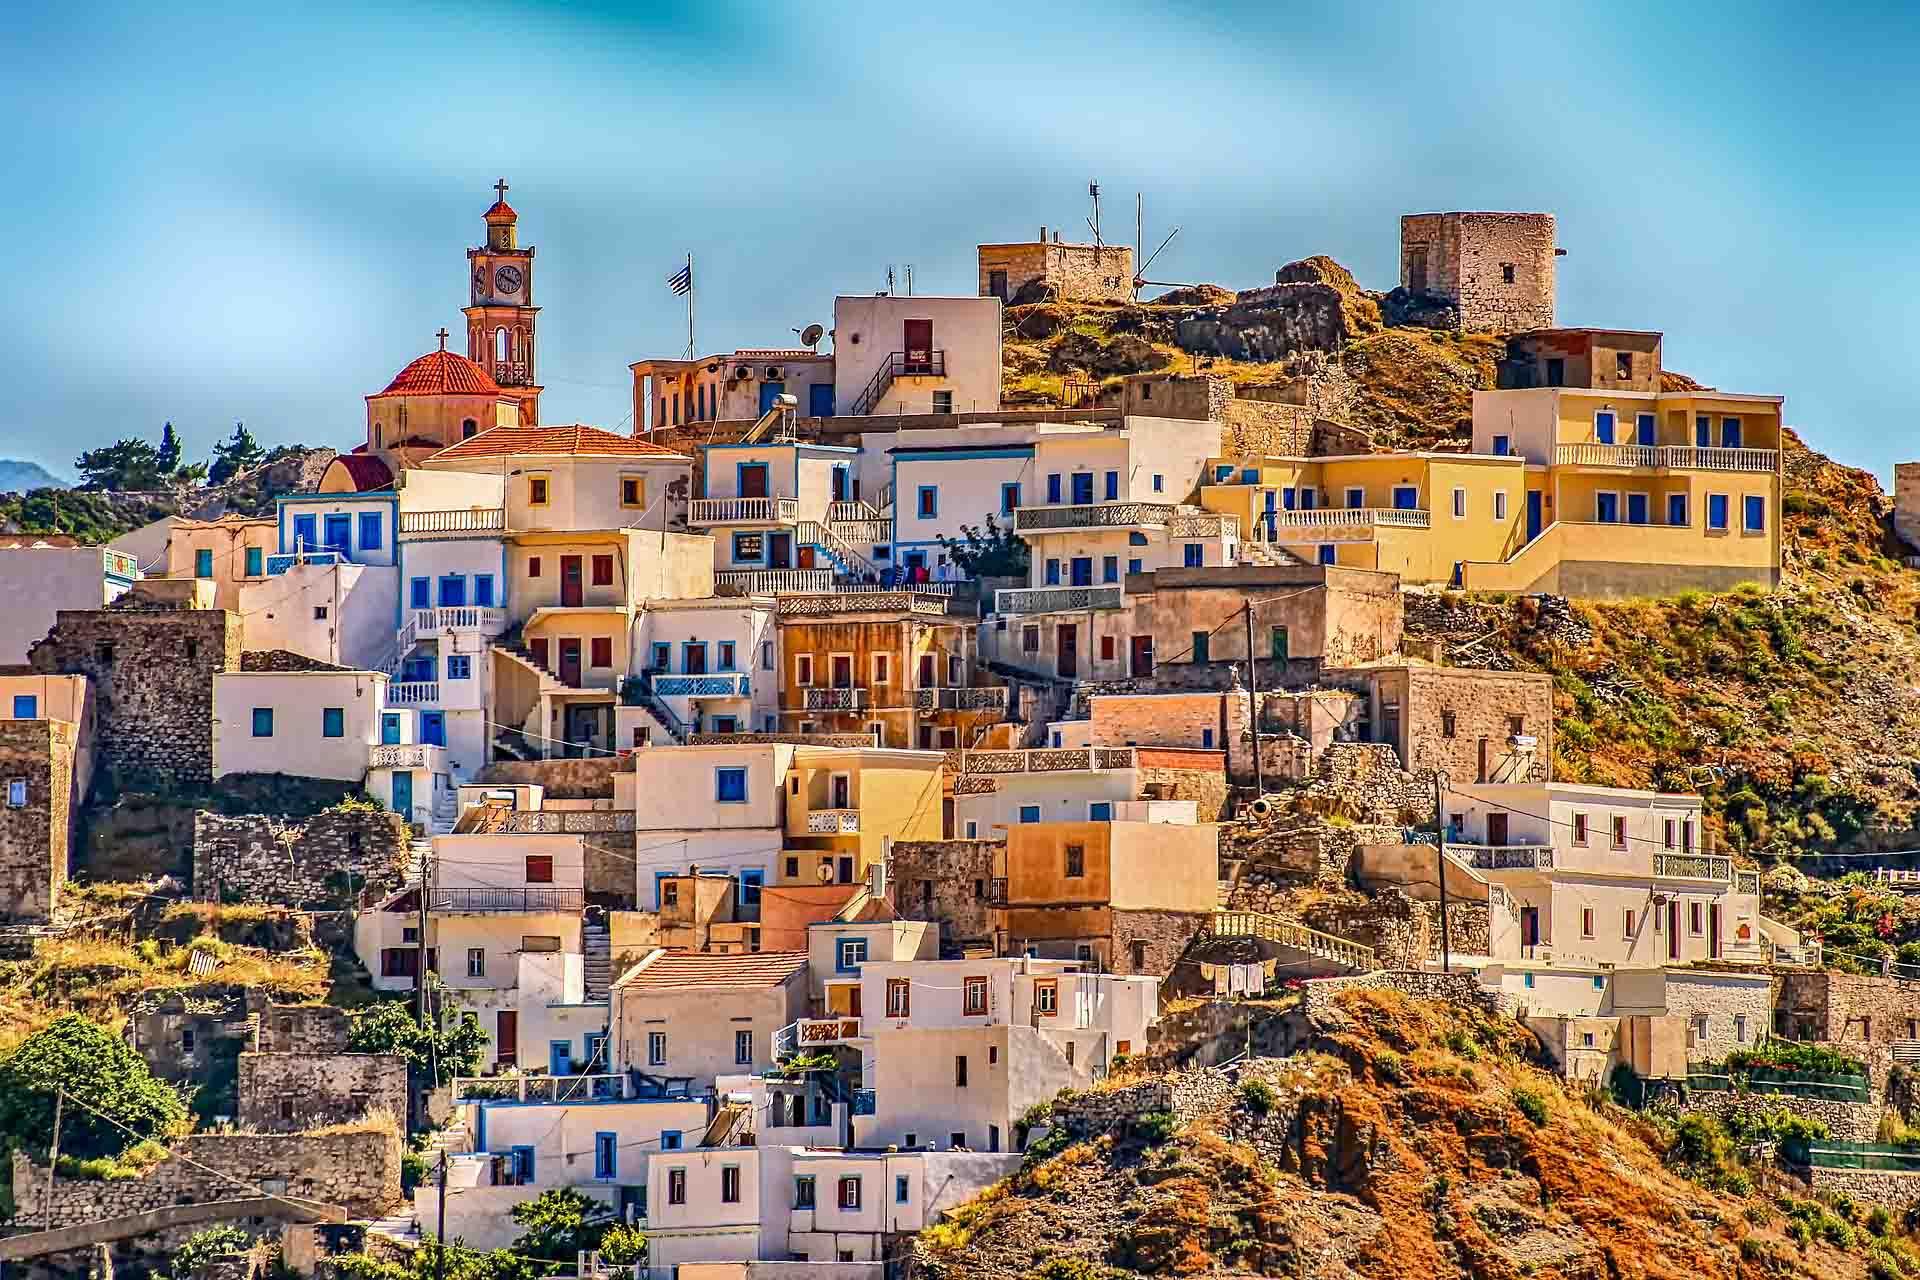 Stadje in Griekenland op een heuvel